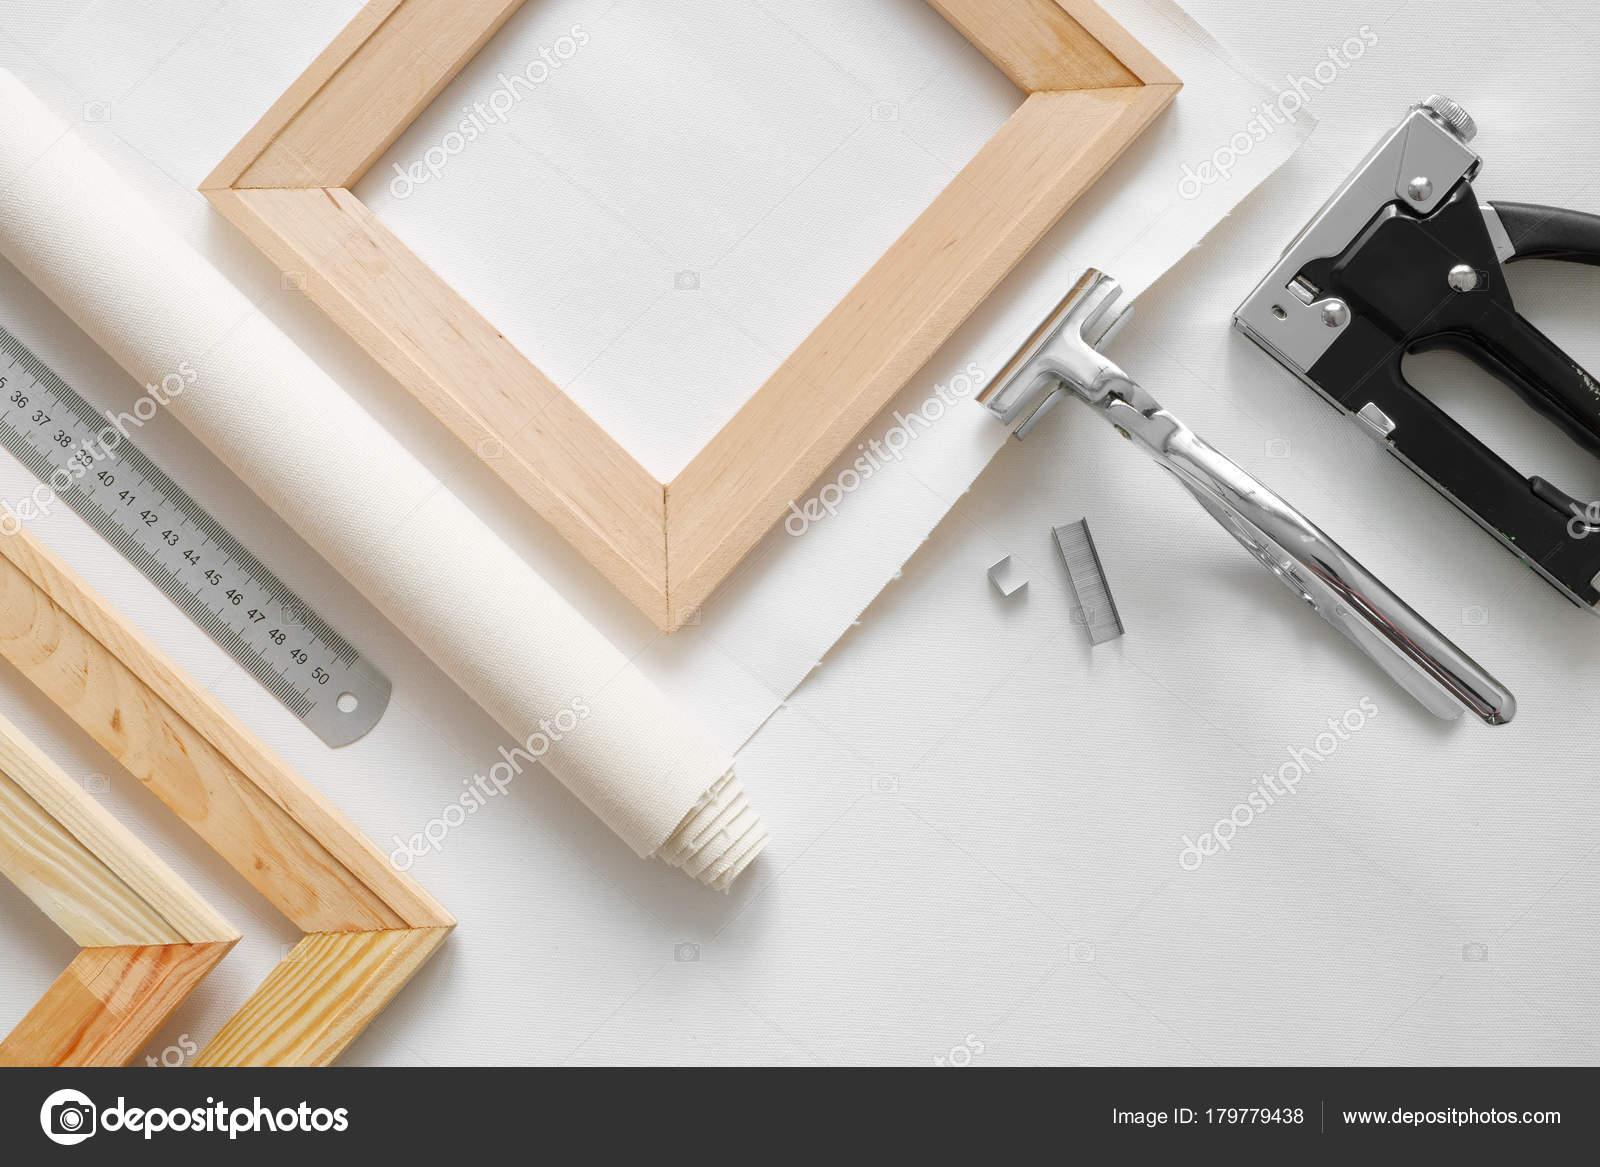 Artista de lona en rollo, barras de madera del ensanchador, alicates ...